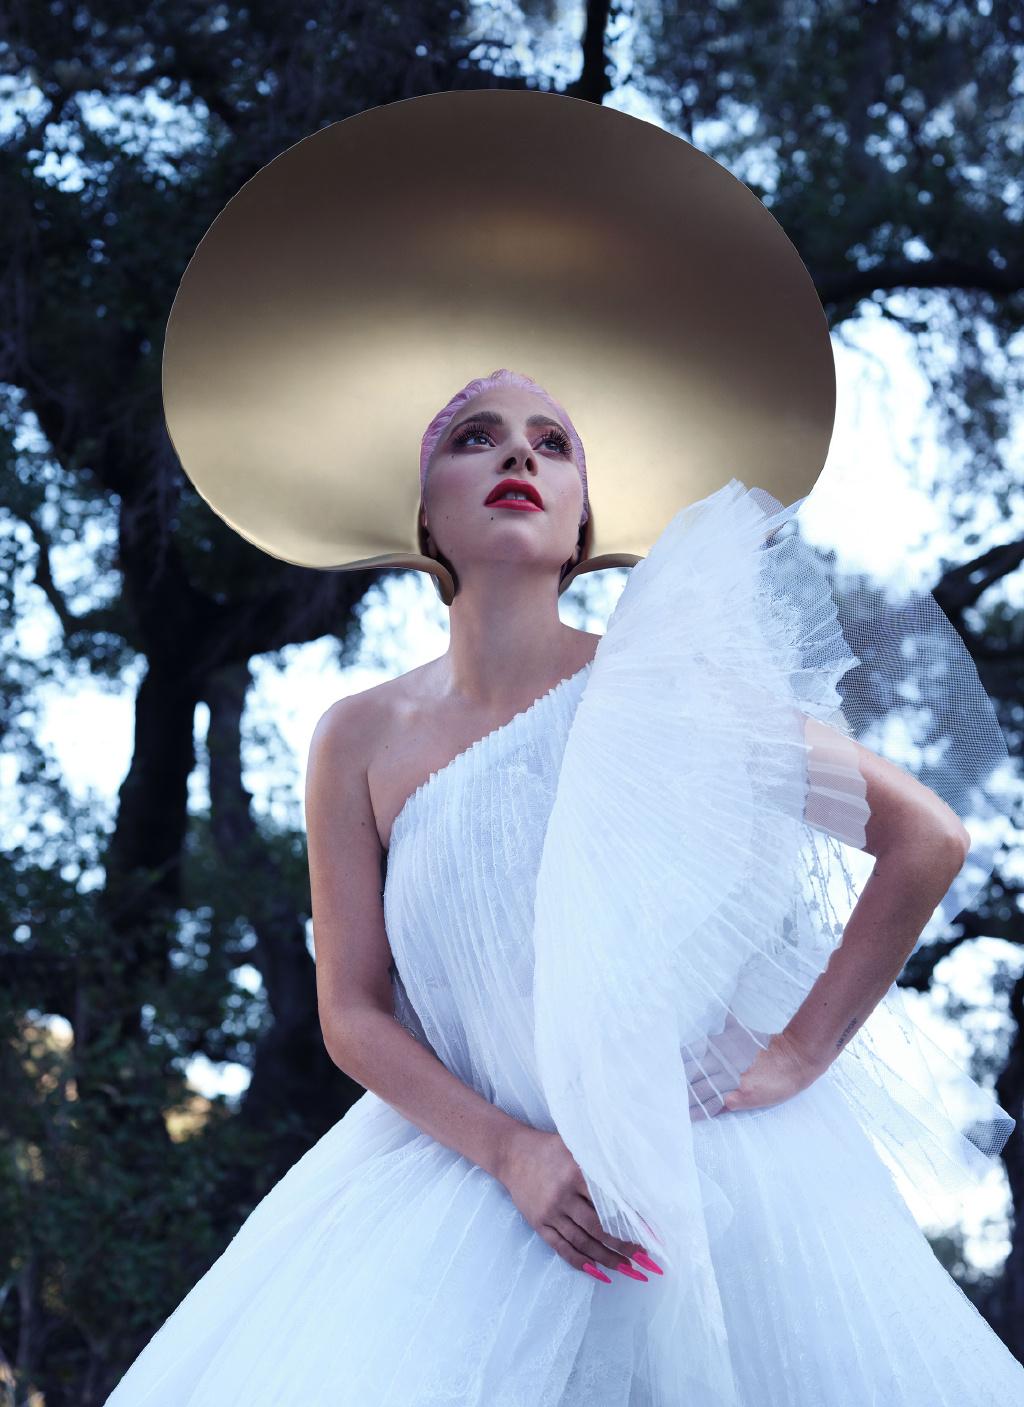 酷!34岁Lady Gaga电影《古驰》定档,讲述豪门家族的黑色惨案